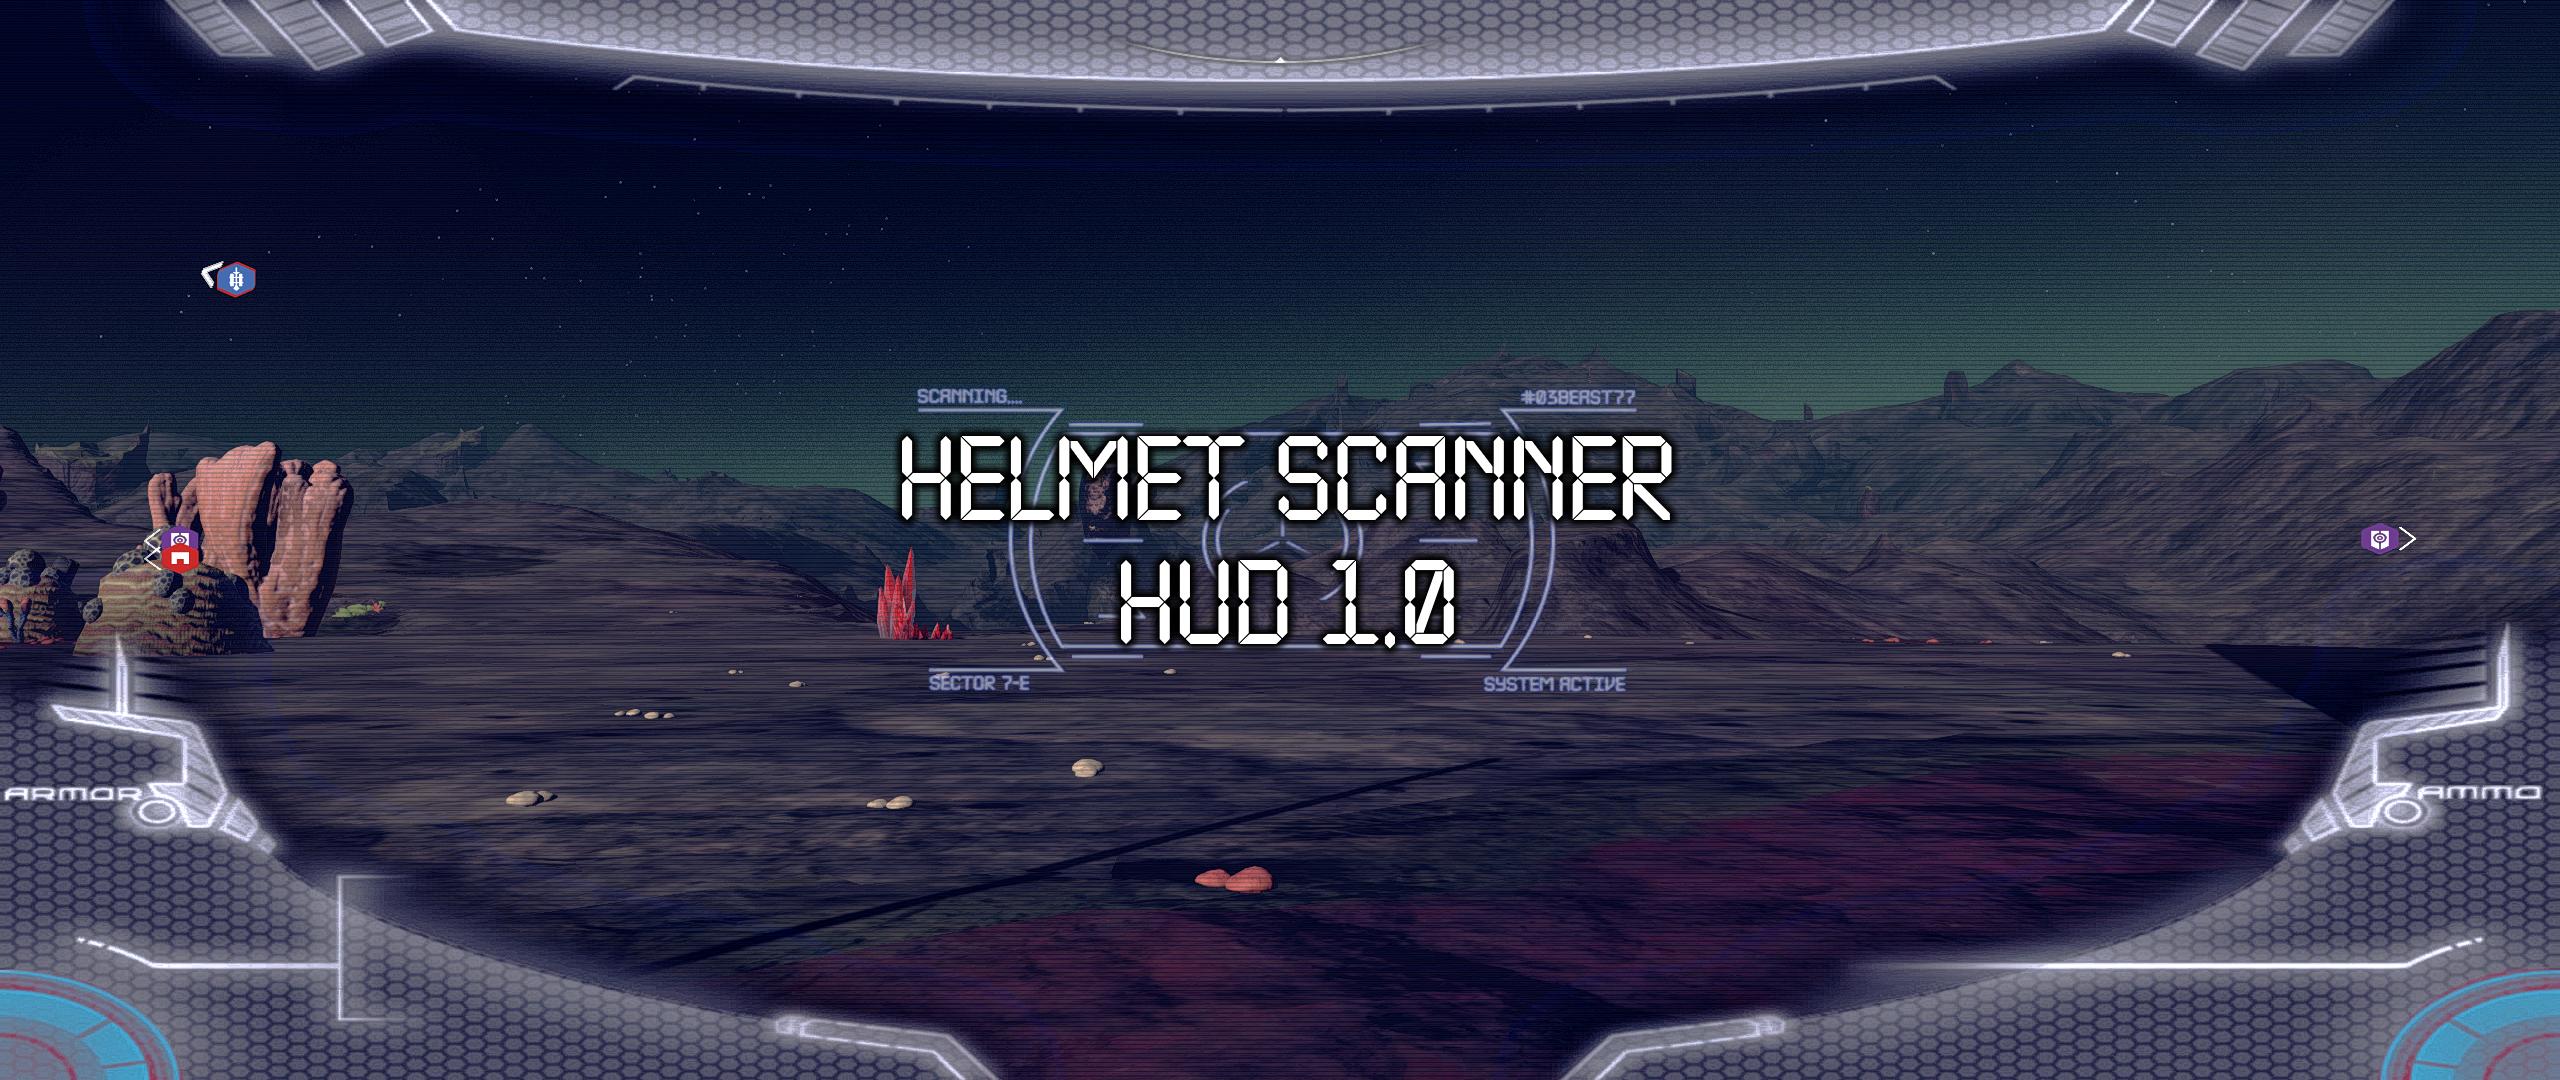 Helmet Scanner HUD